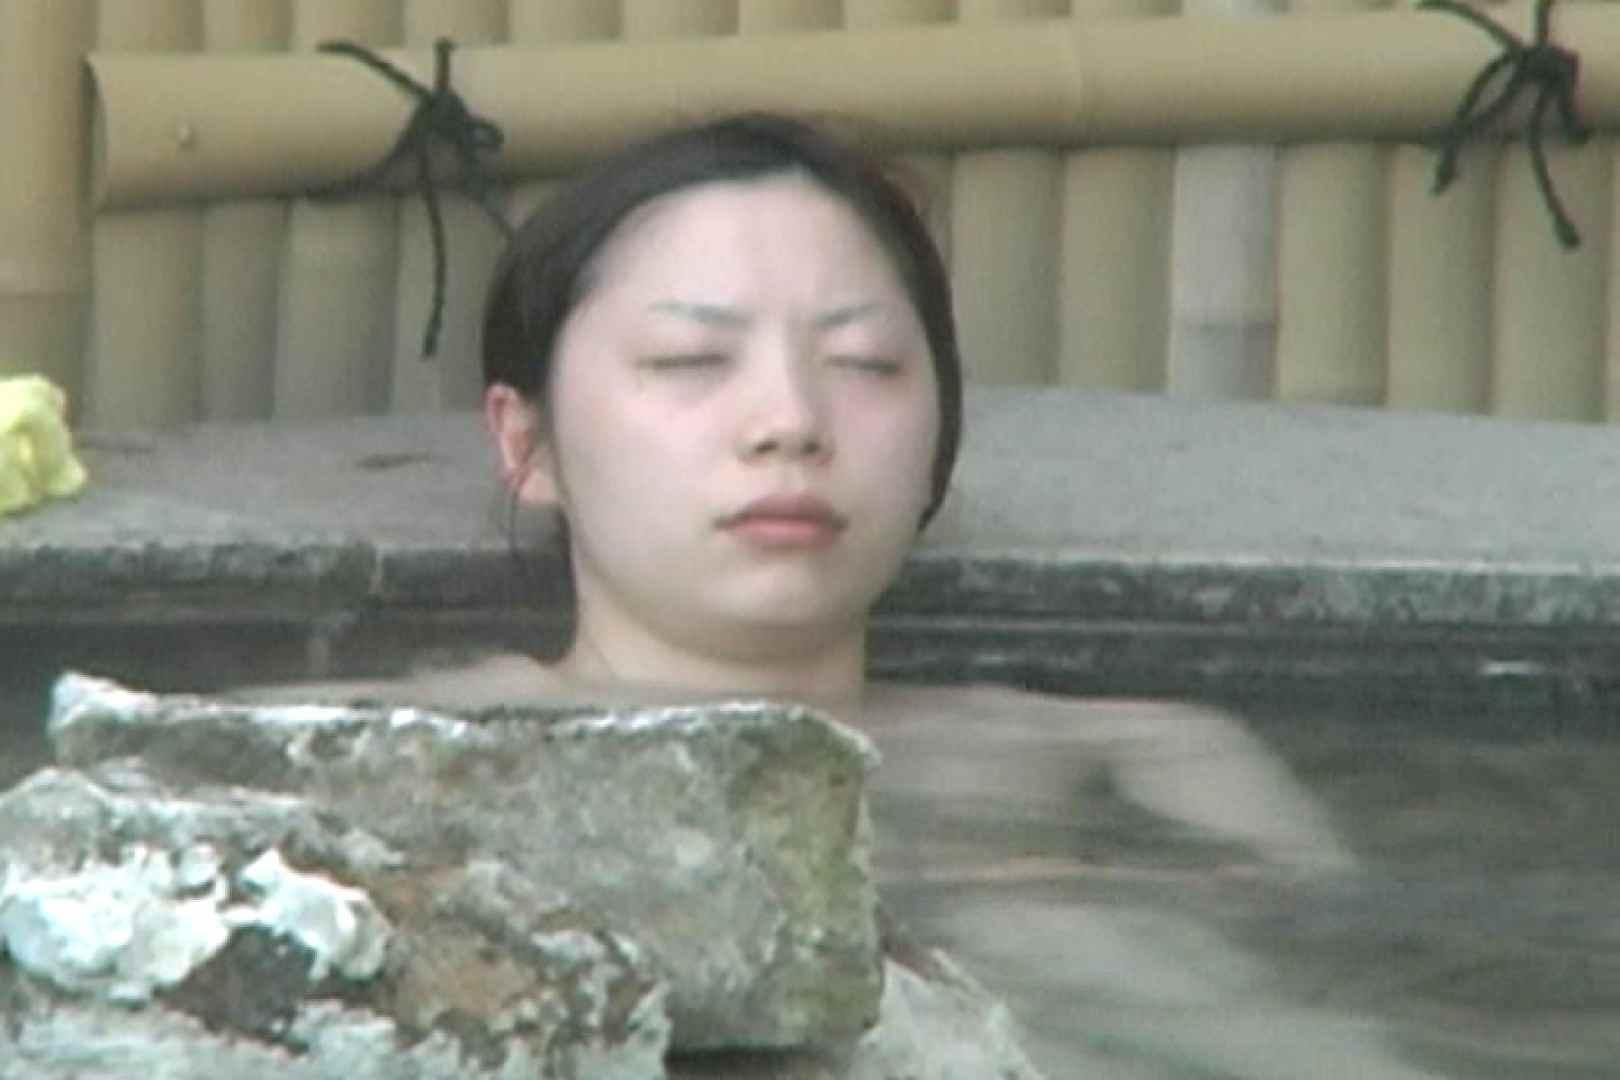 Aquaな露天風呂Vol.596 盗撮シリーズ  113PIX 96